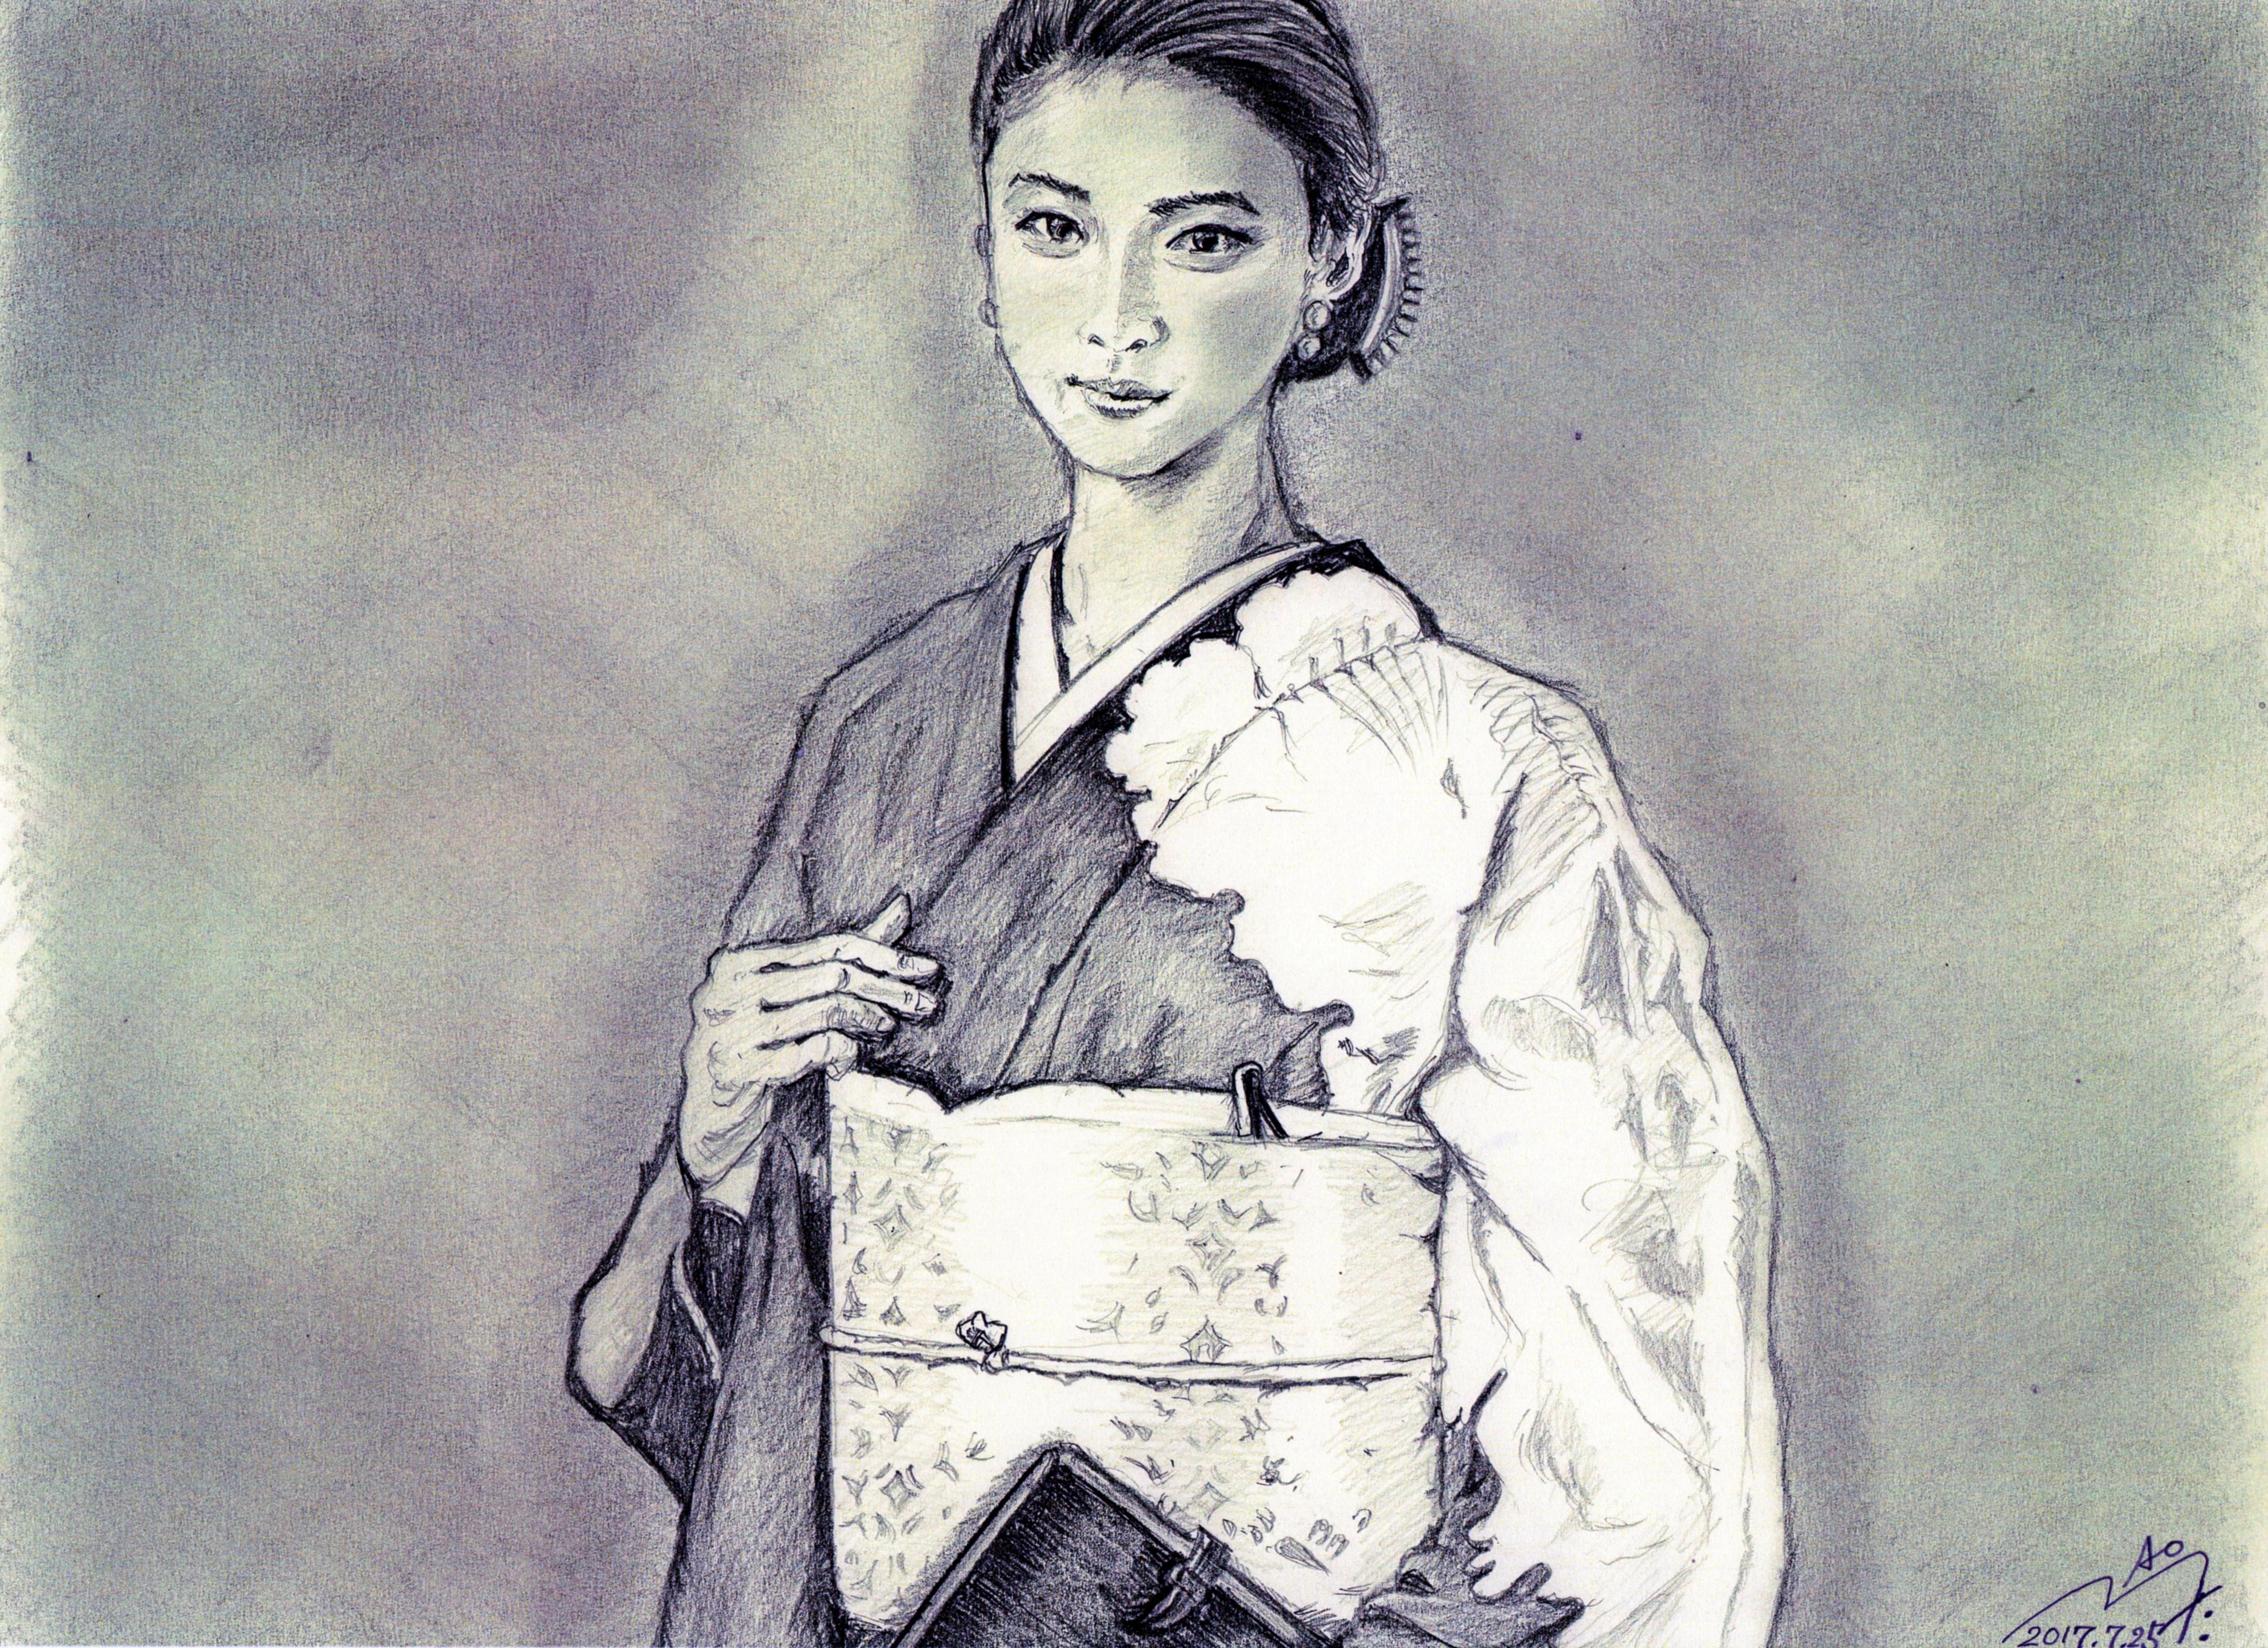 武井咲の鉛筆画似顔絵